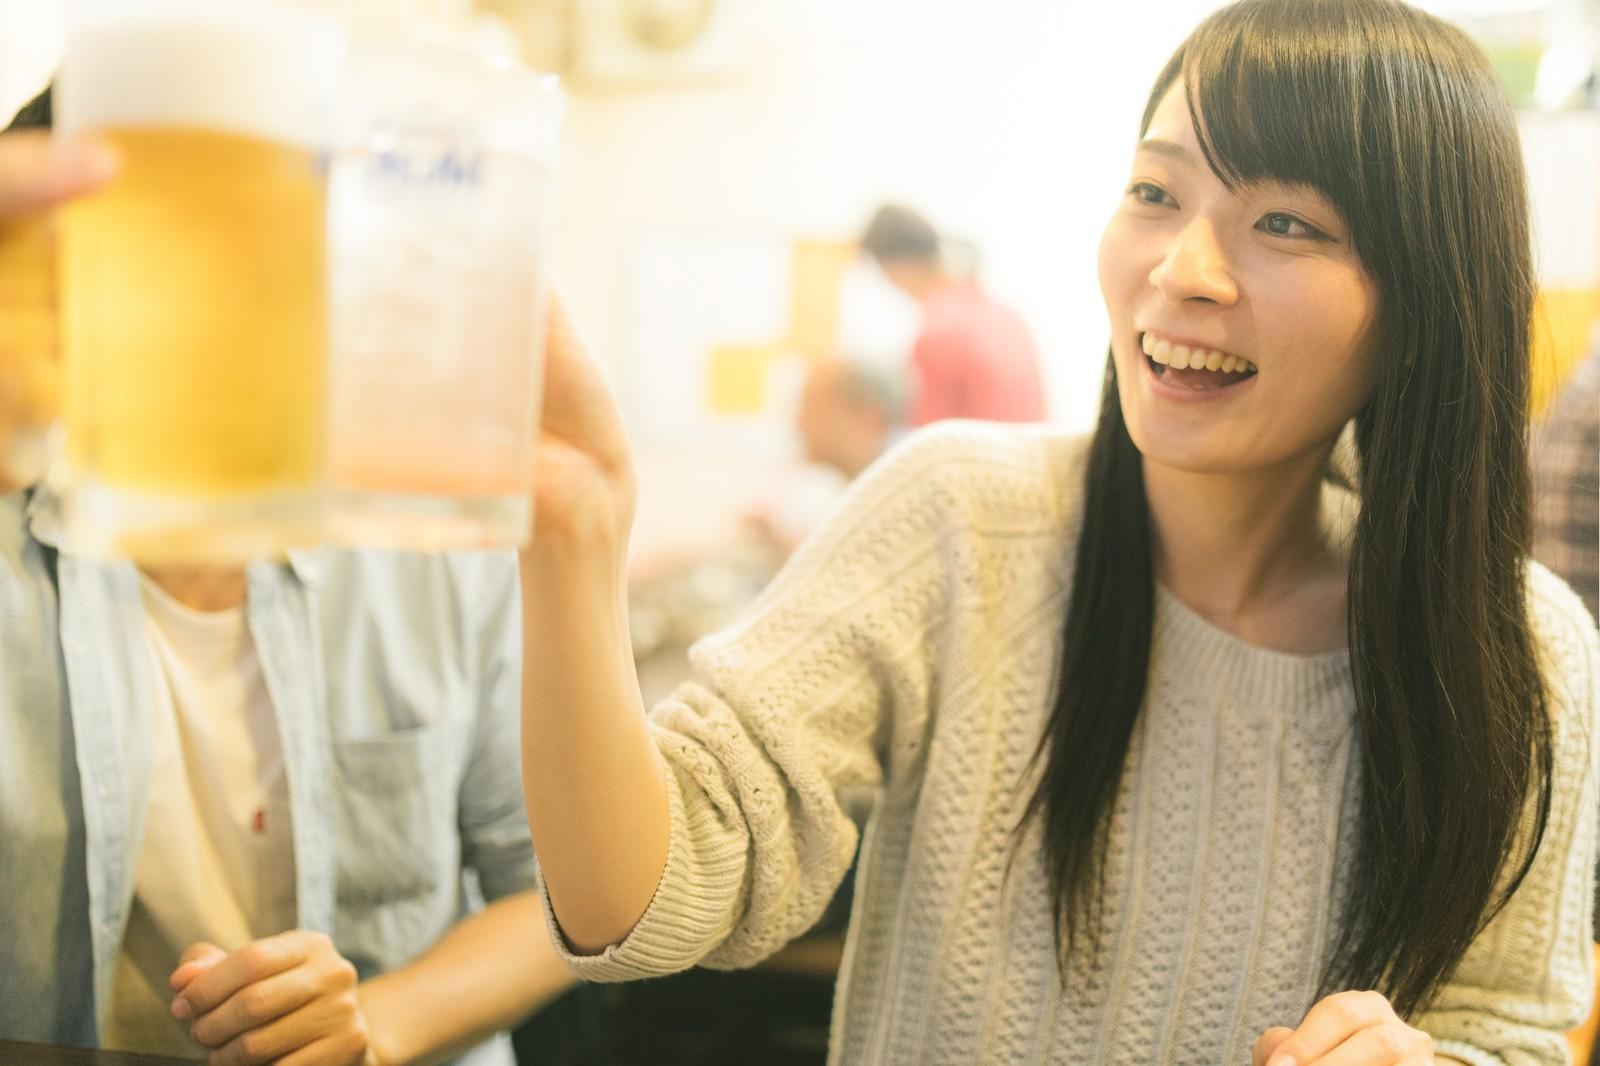 マッチングアプリで既婚者(ヤリ目)を見極める特徴とチェックポイント